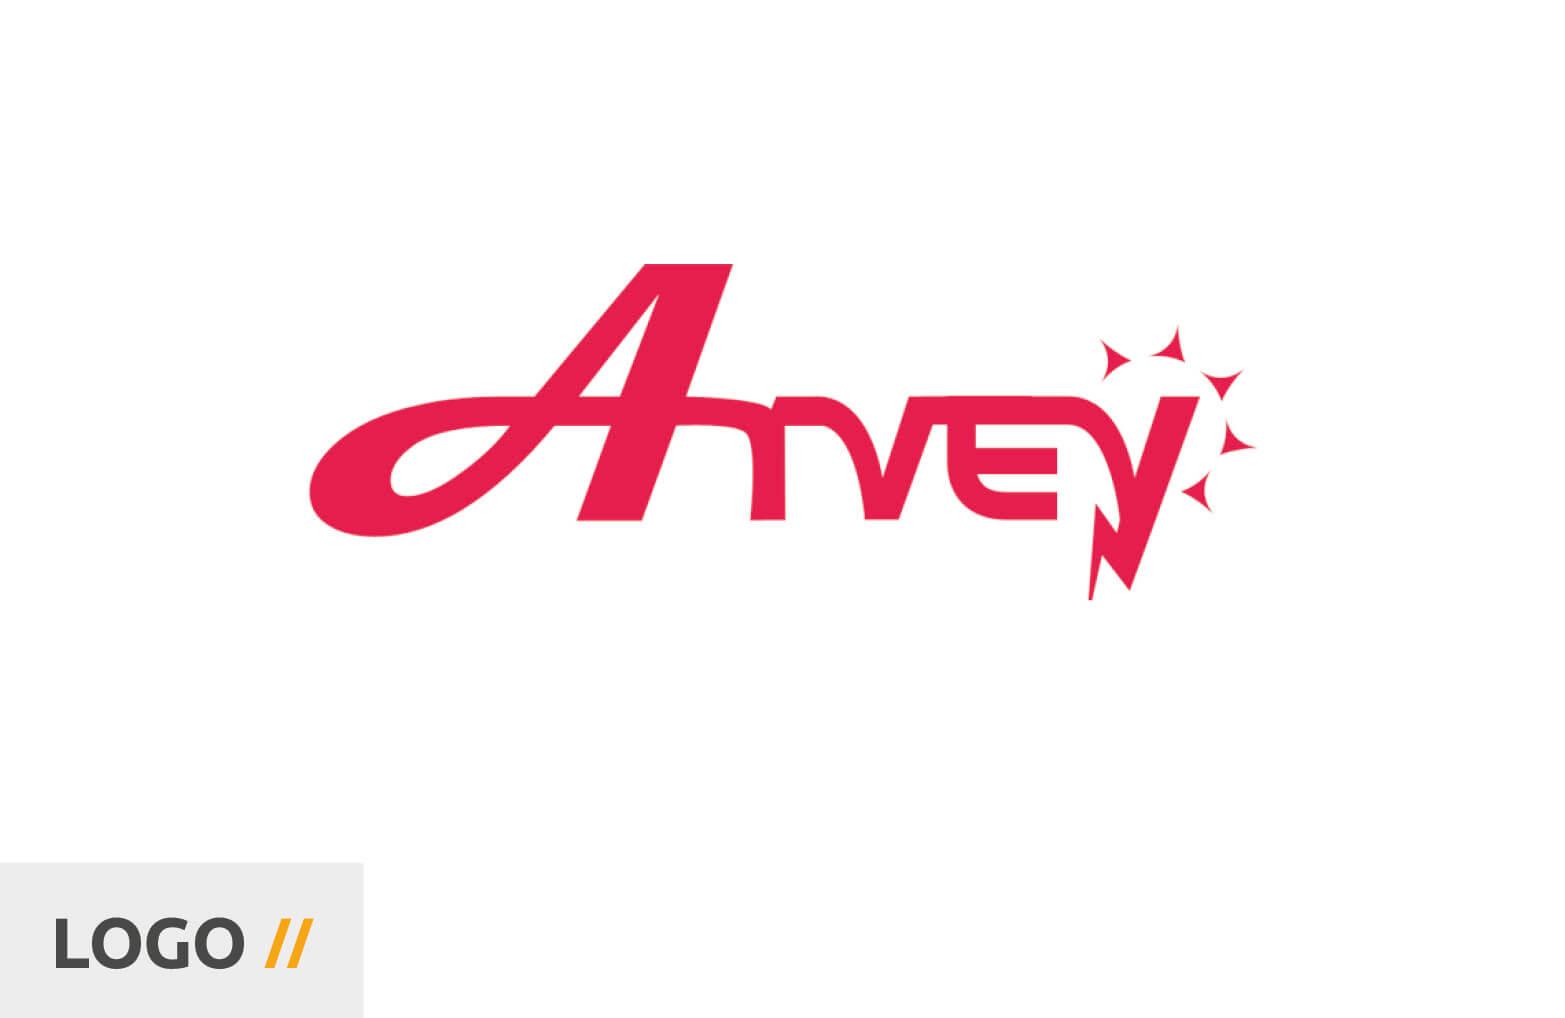 VORHER: ARVEY Logo - Markenentwicklung aus Würzburg - BRANDORT markenschmiede GmbH